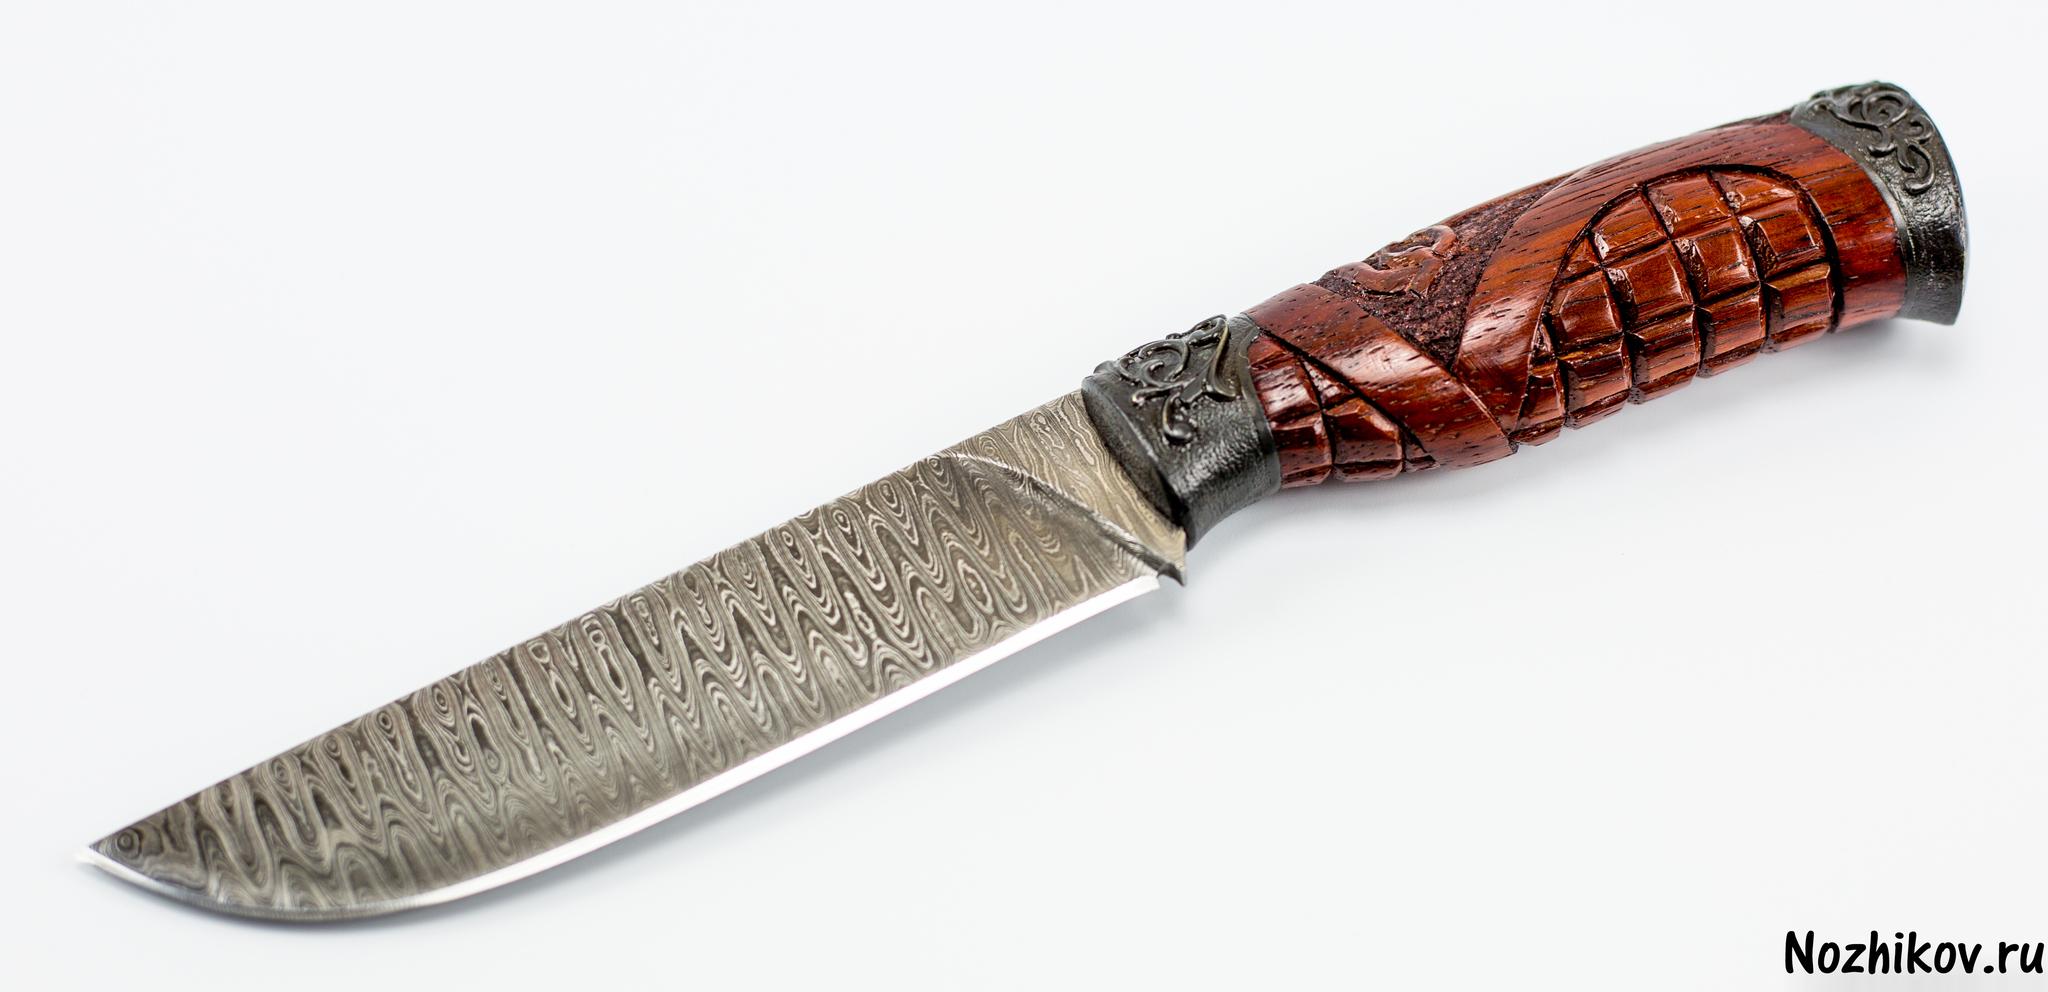 Фото 2 - Авторский Нож из Дамаска №9, Кизляр от Noname